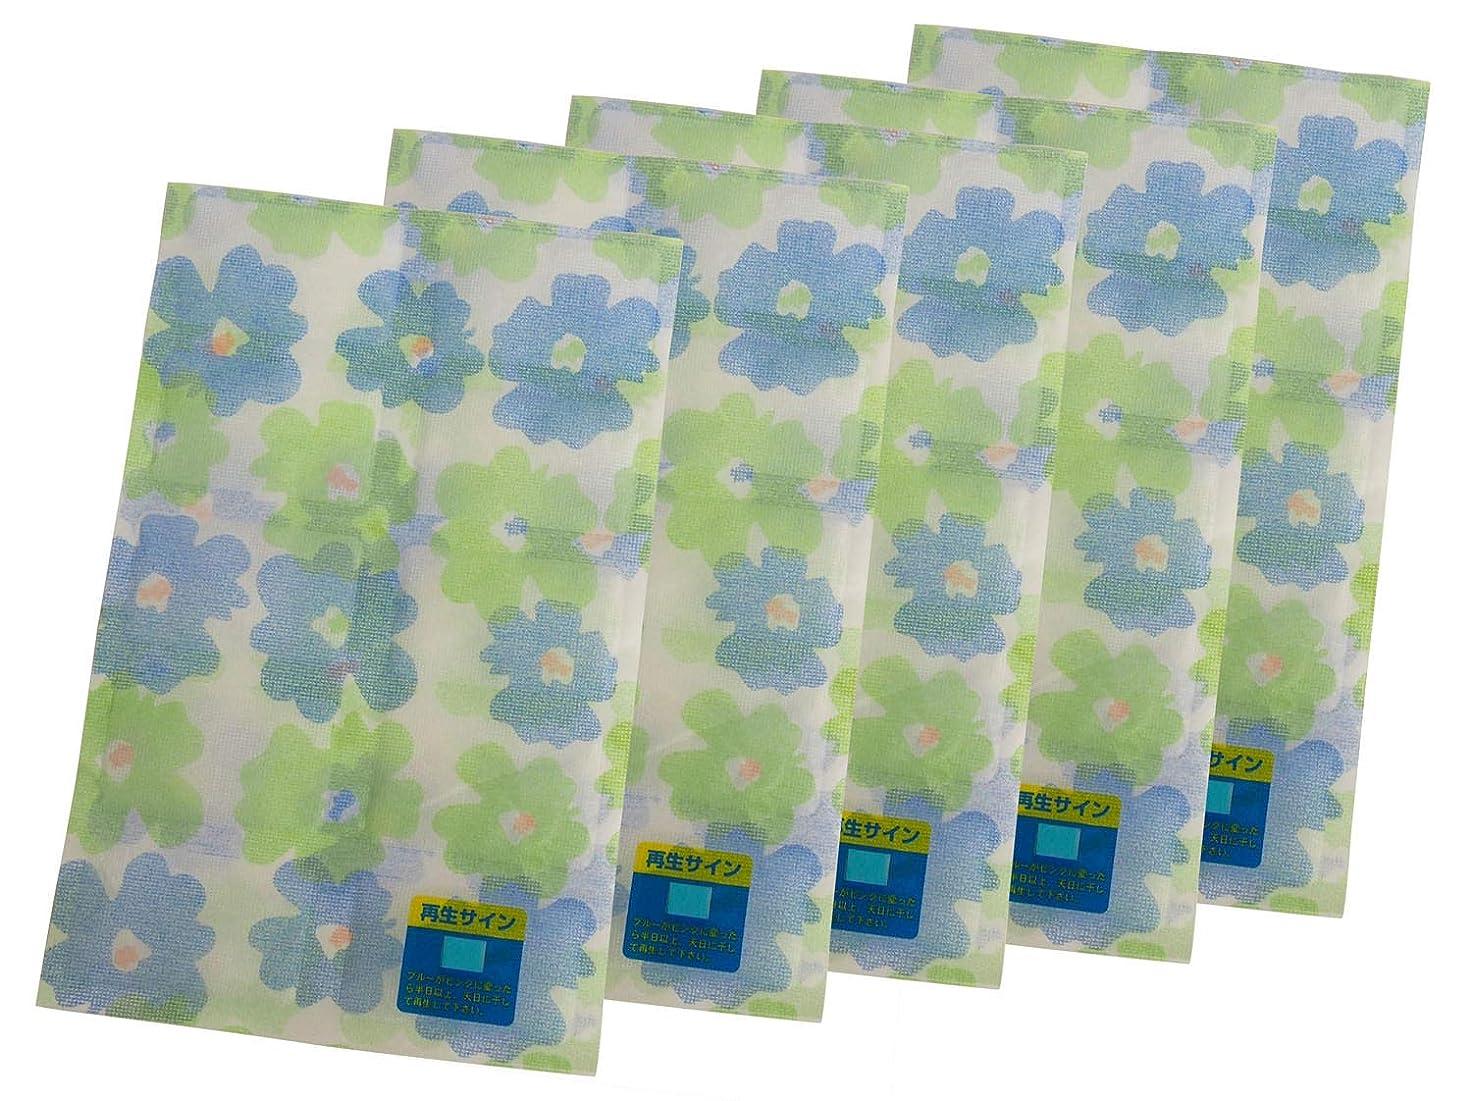 治安判事インターネットスロベニア富士パックス販売 除湿グッズ 入れるだけで簡単 「 圧縮袋 の お悩み 110番 」 FP-344 5枚入